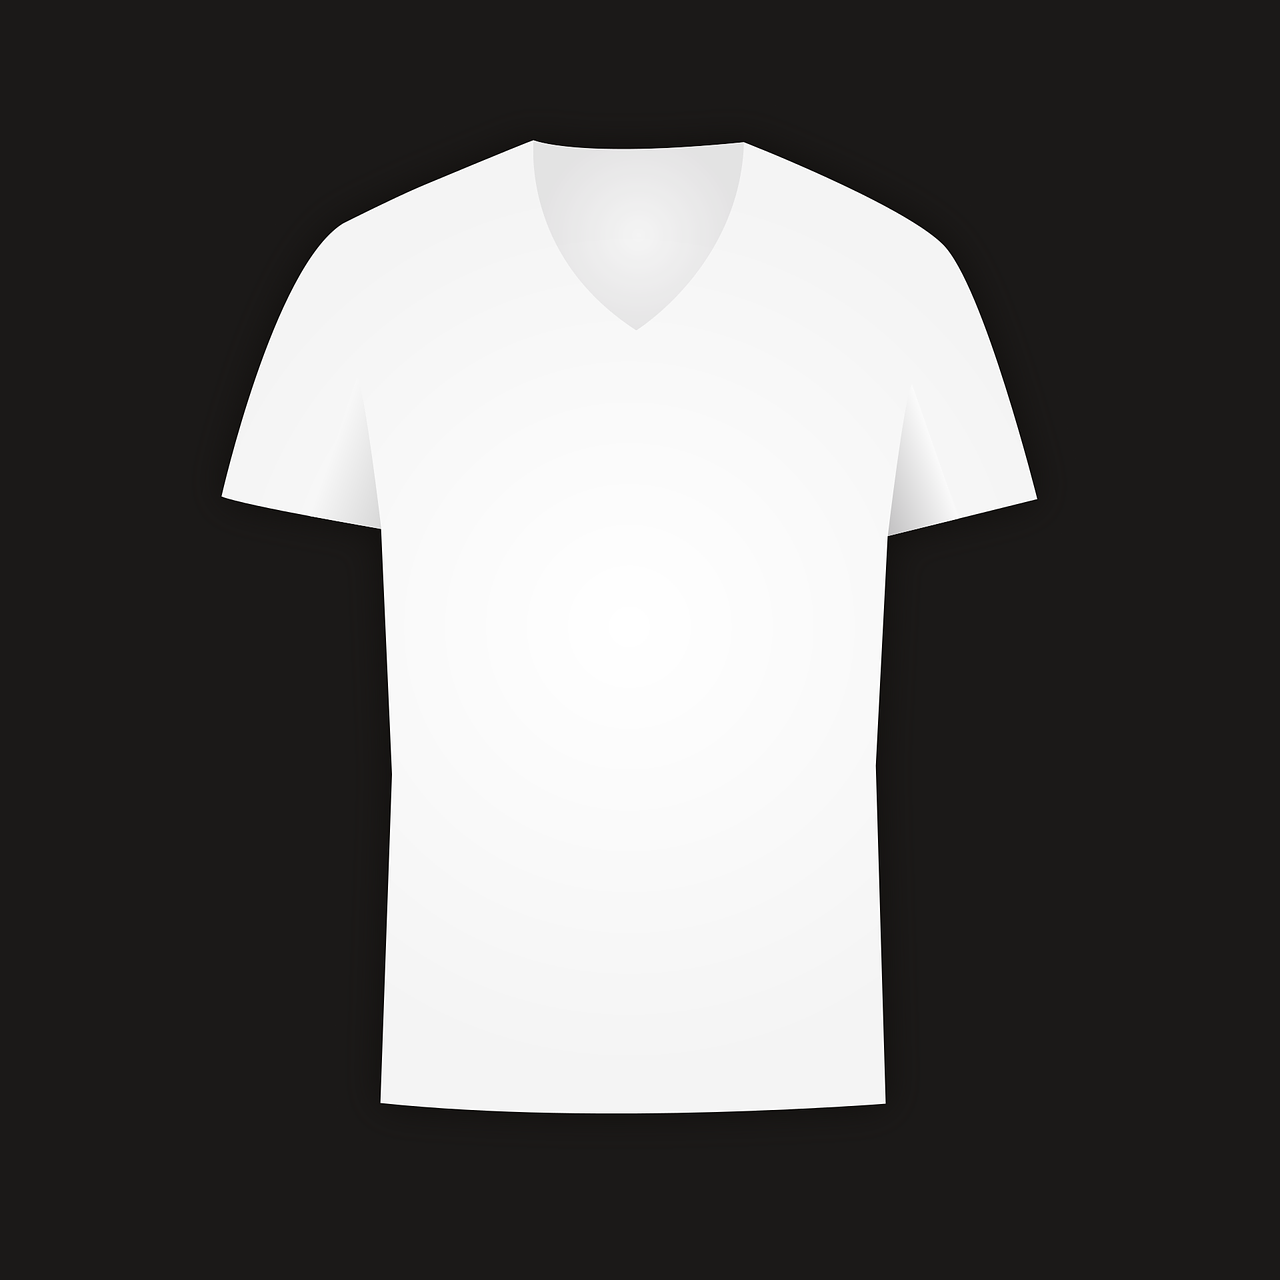 tisk na majice